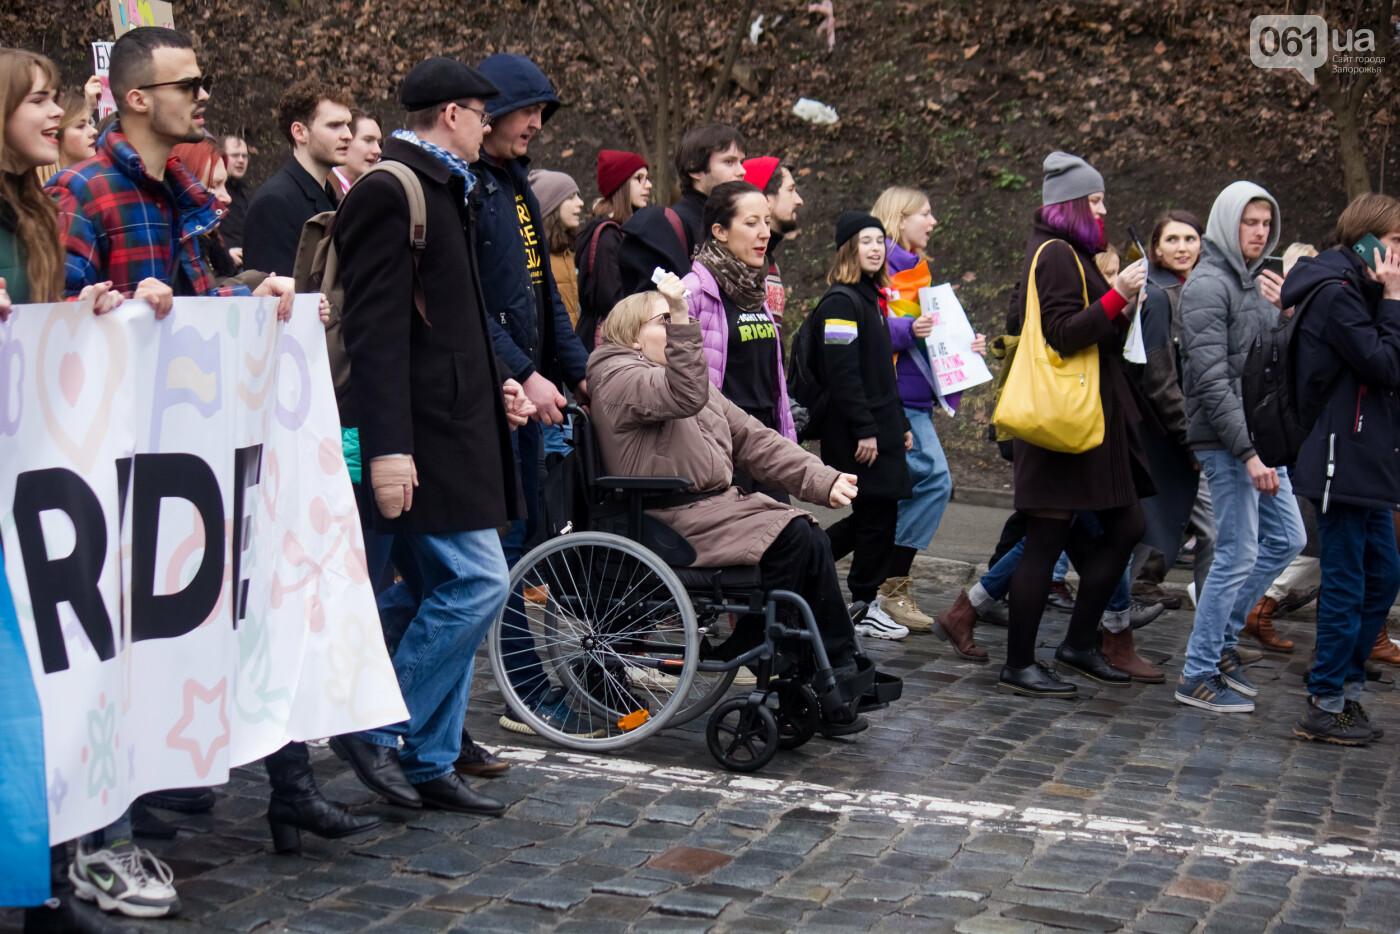 5 историй запорожцев, которые вышли на Марш женщин в Киеве: почему для них это важно, - ФОТОРЕПОРТАЖ, фото-26